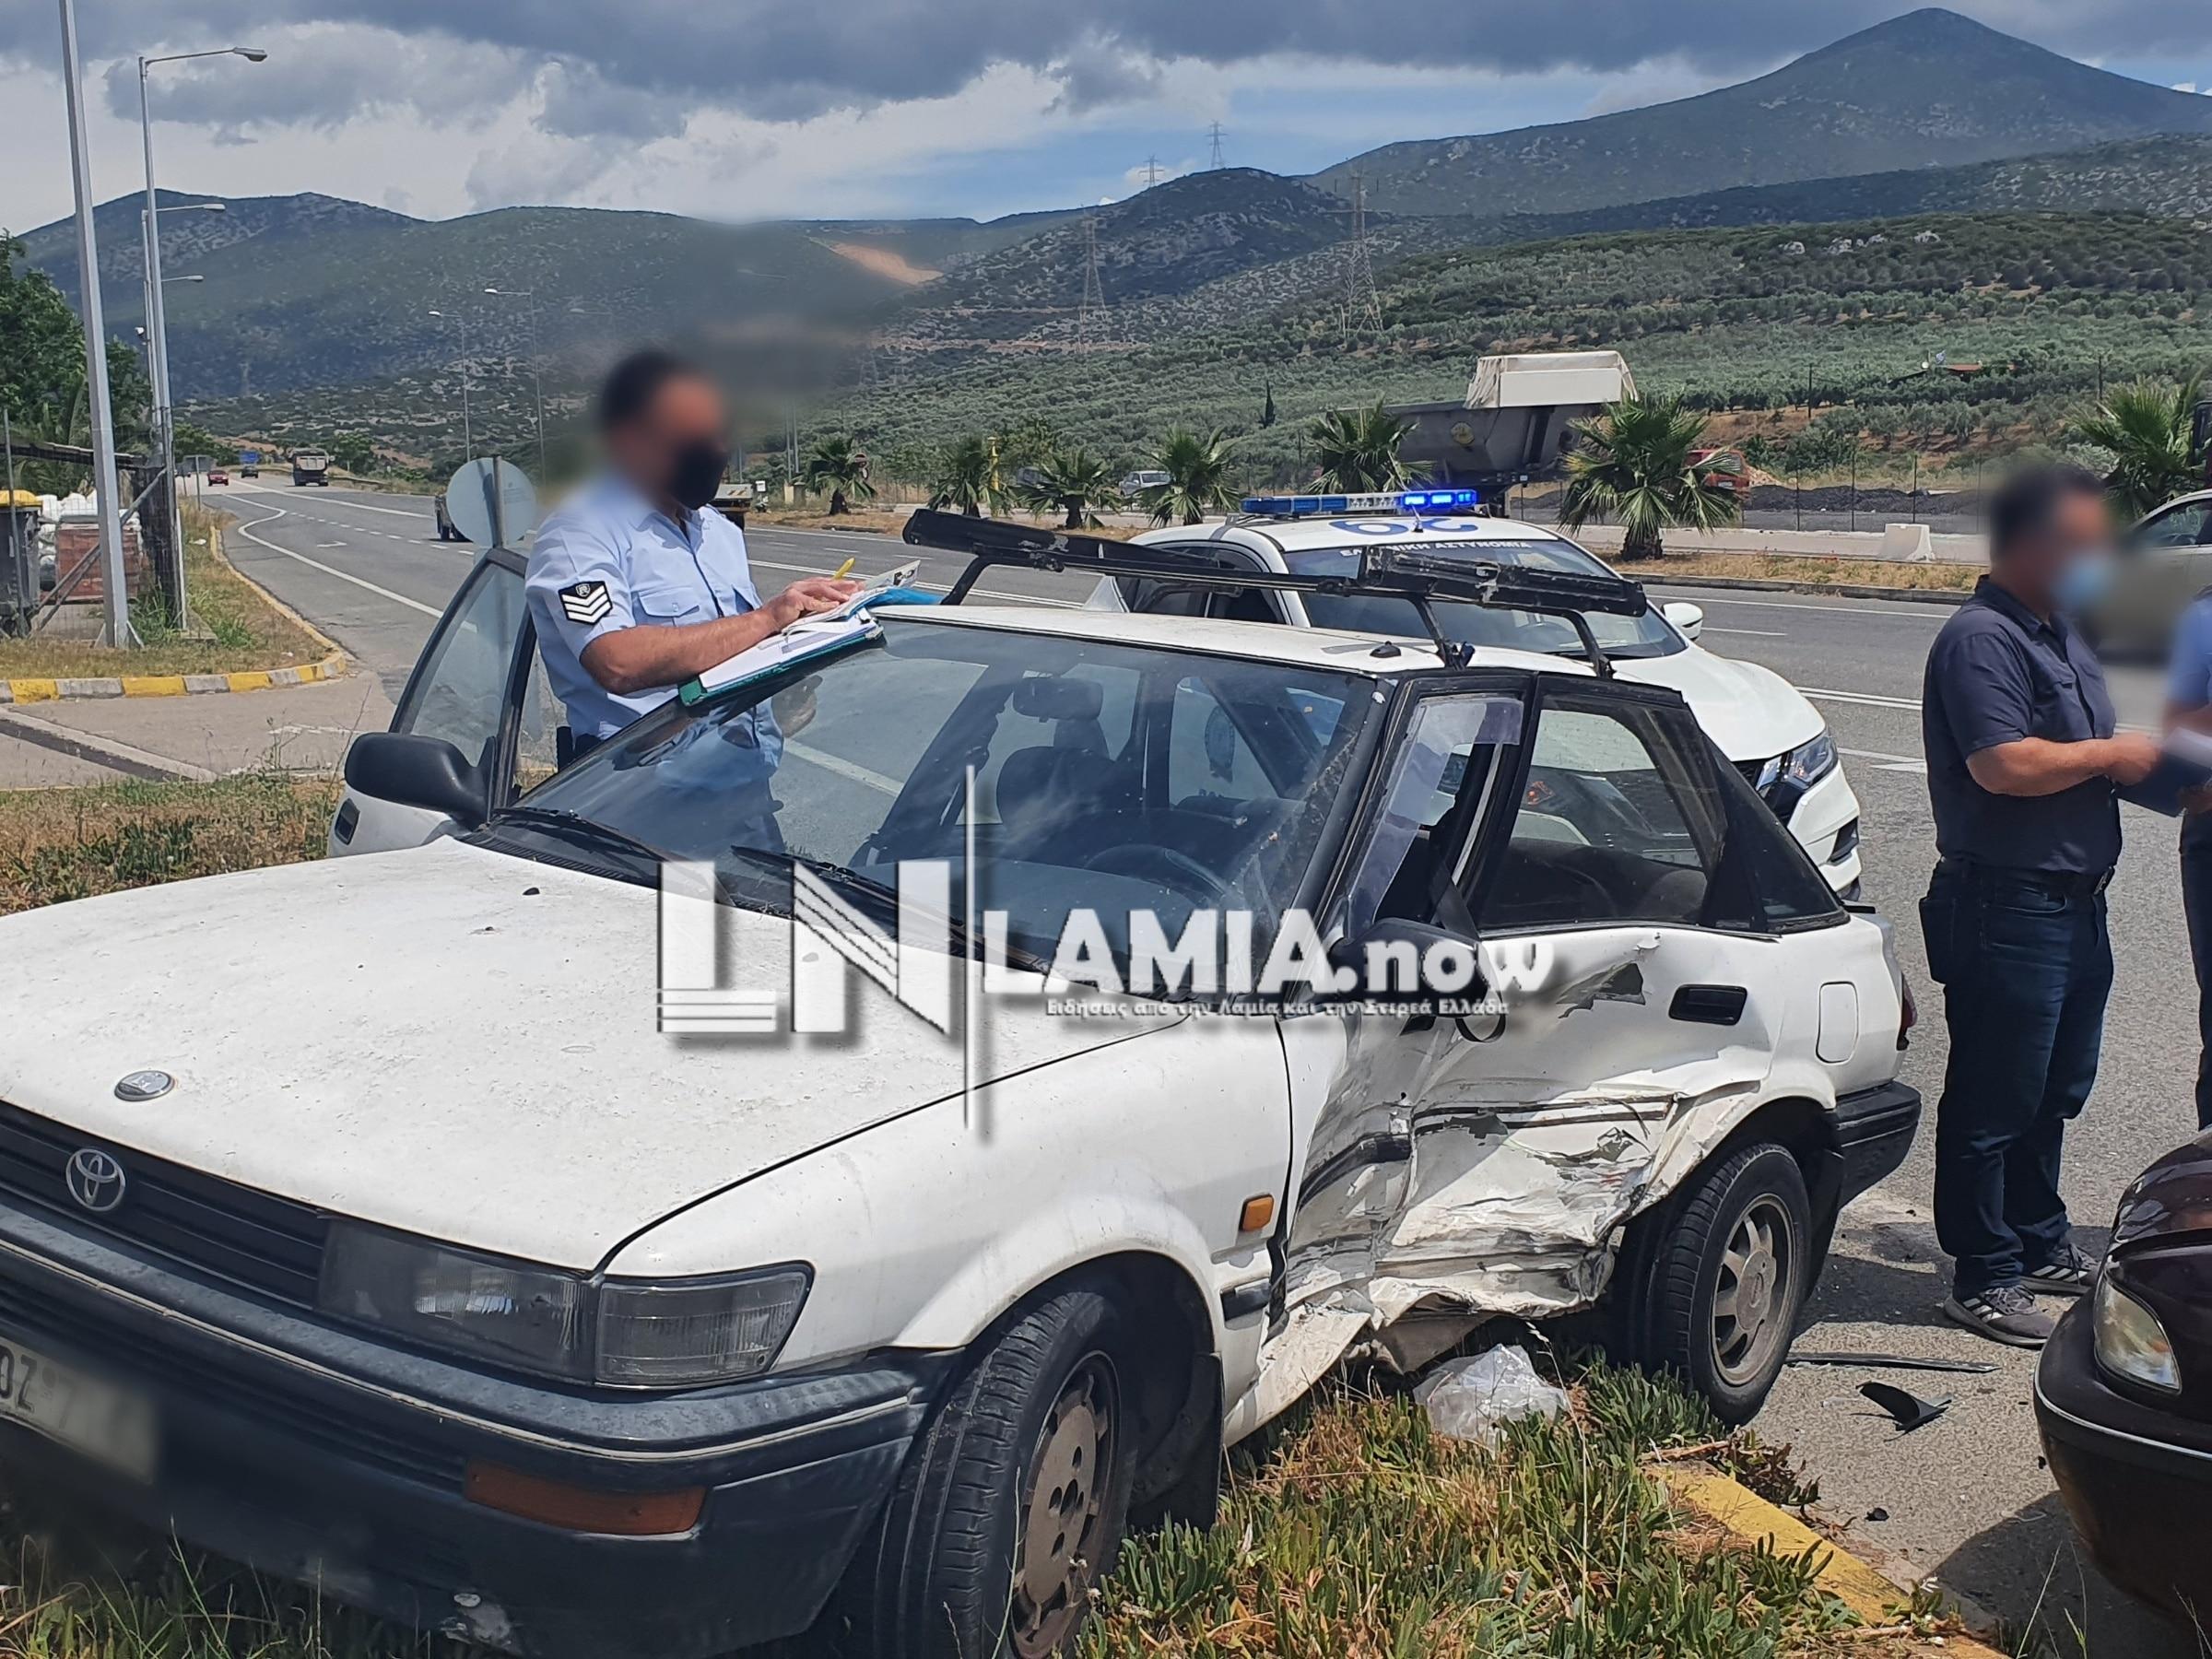 Λαμία: Τράκαραν δύο παππούδες οδηγοί – Σοβαρά τραυματίας ο ένας (pics)